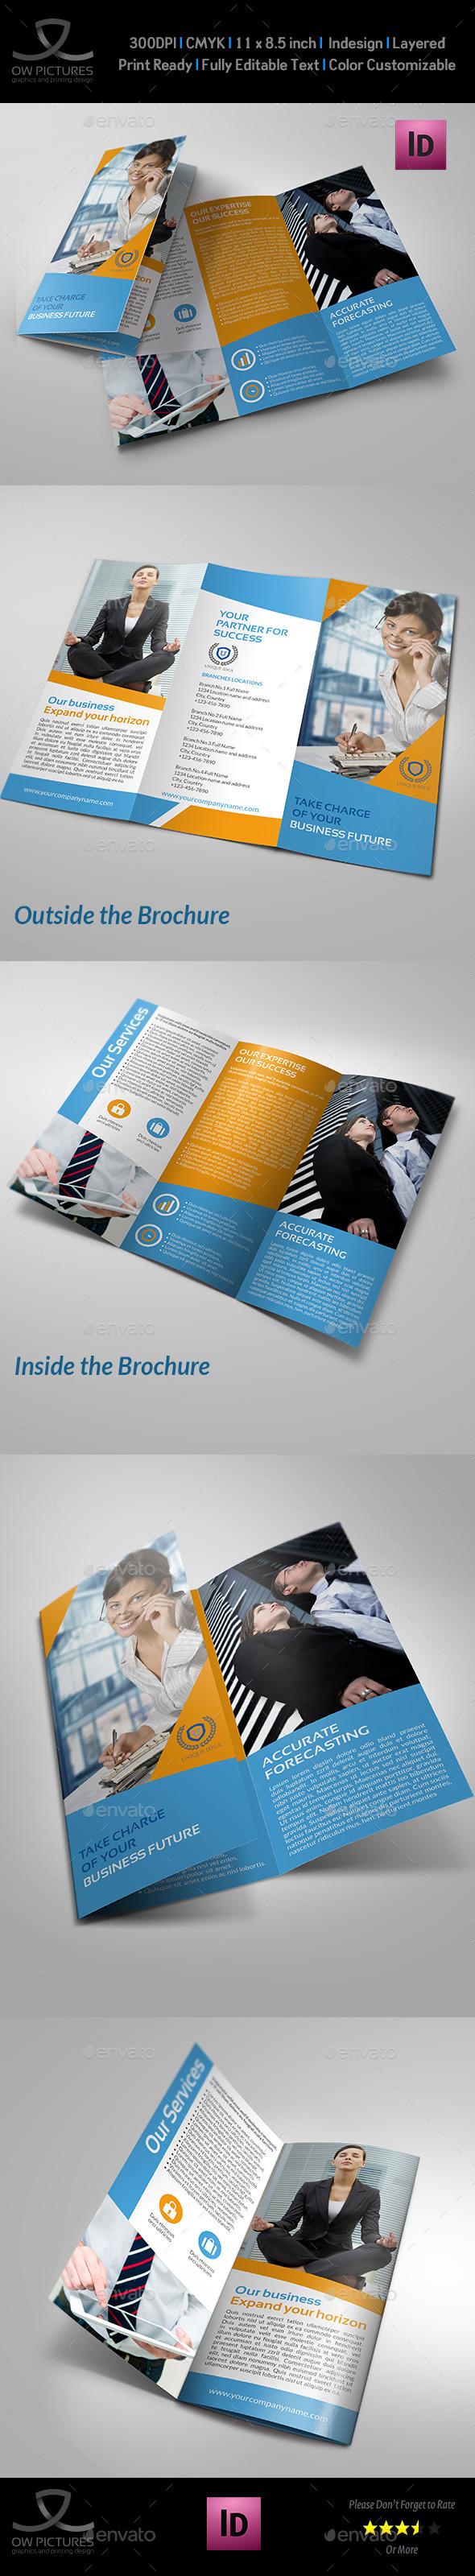 GraphicRiver Company Brochure Tri-Fold Brochure Vol.19 11103539